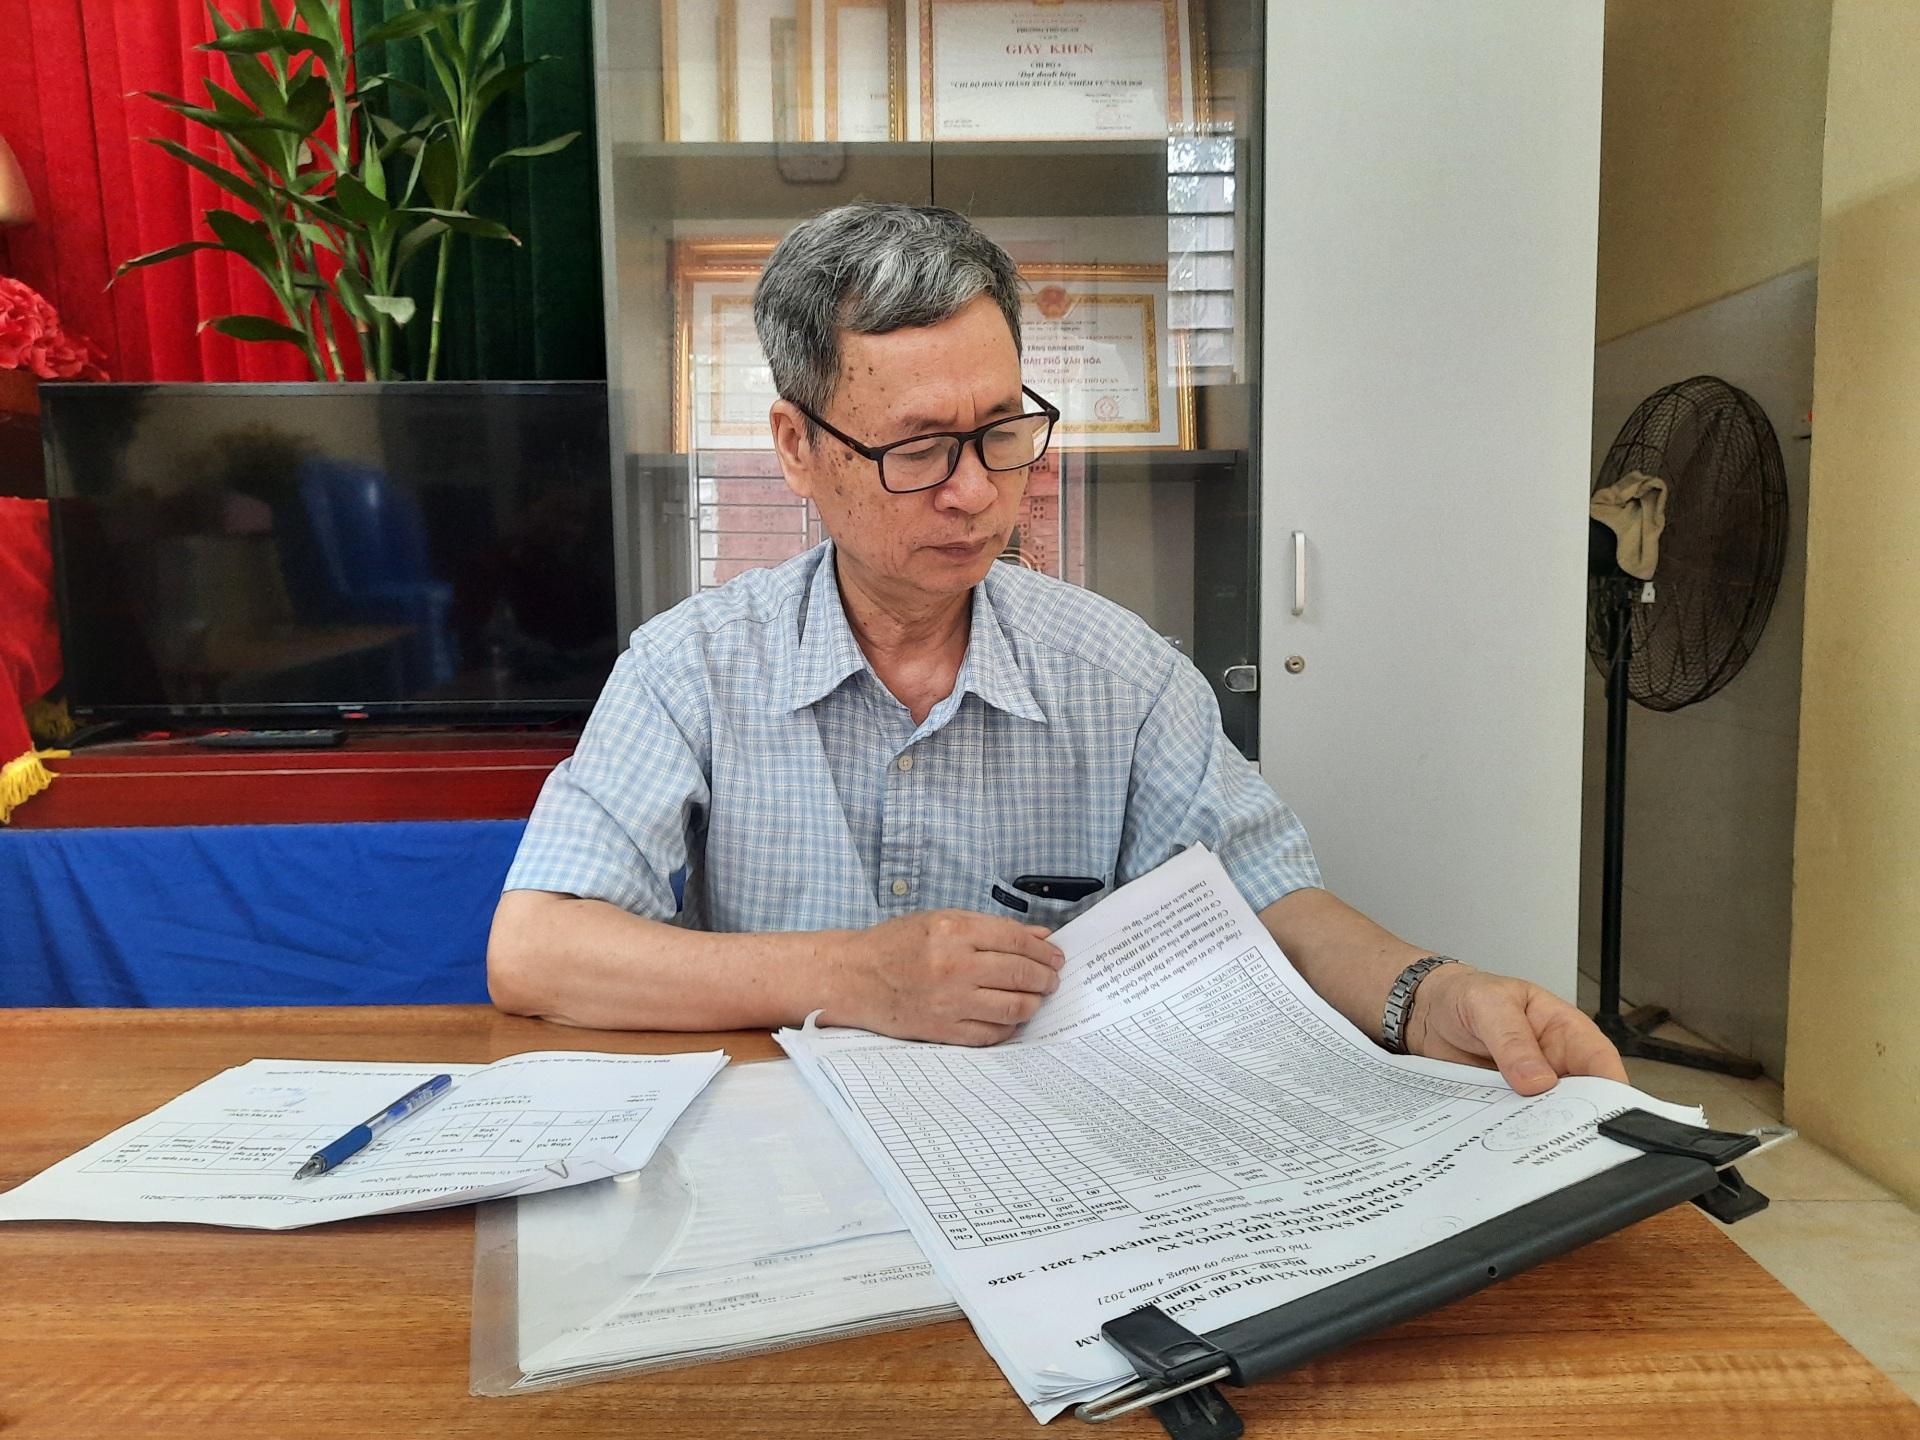 UBND phường Thổ Quan - Đống Đa: Làm tốt công tác chuẩn bị bầu cử ĐBQH khóa XV và HĐND các cấp